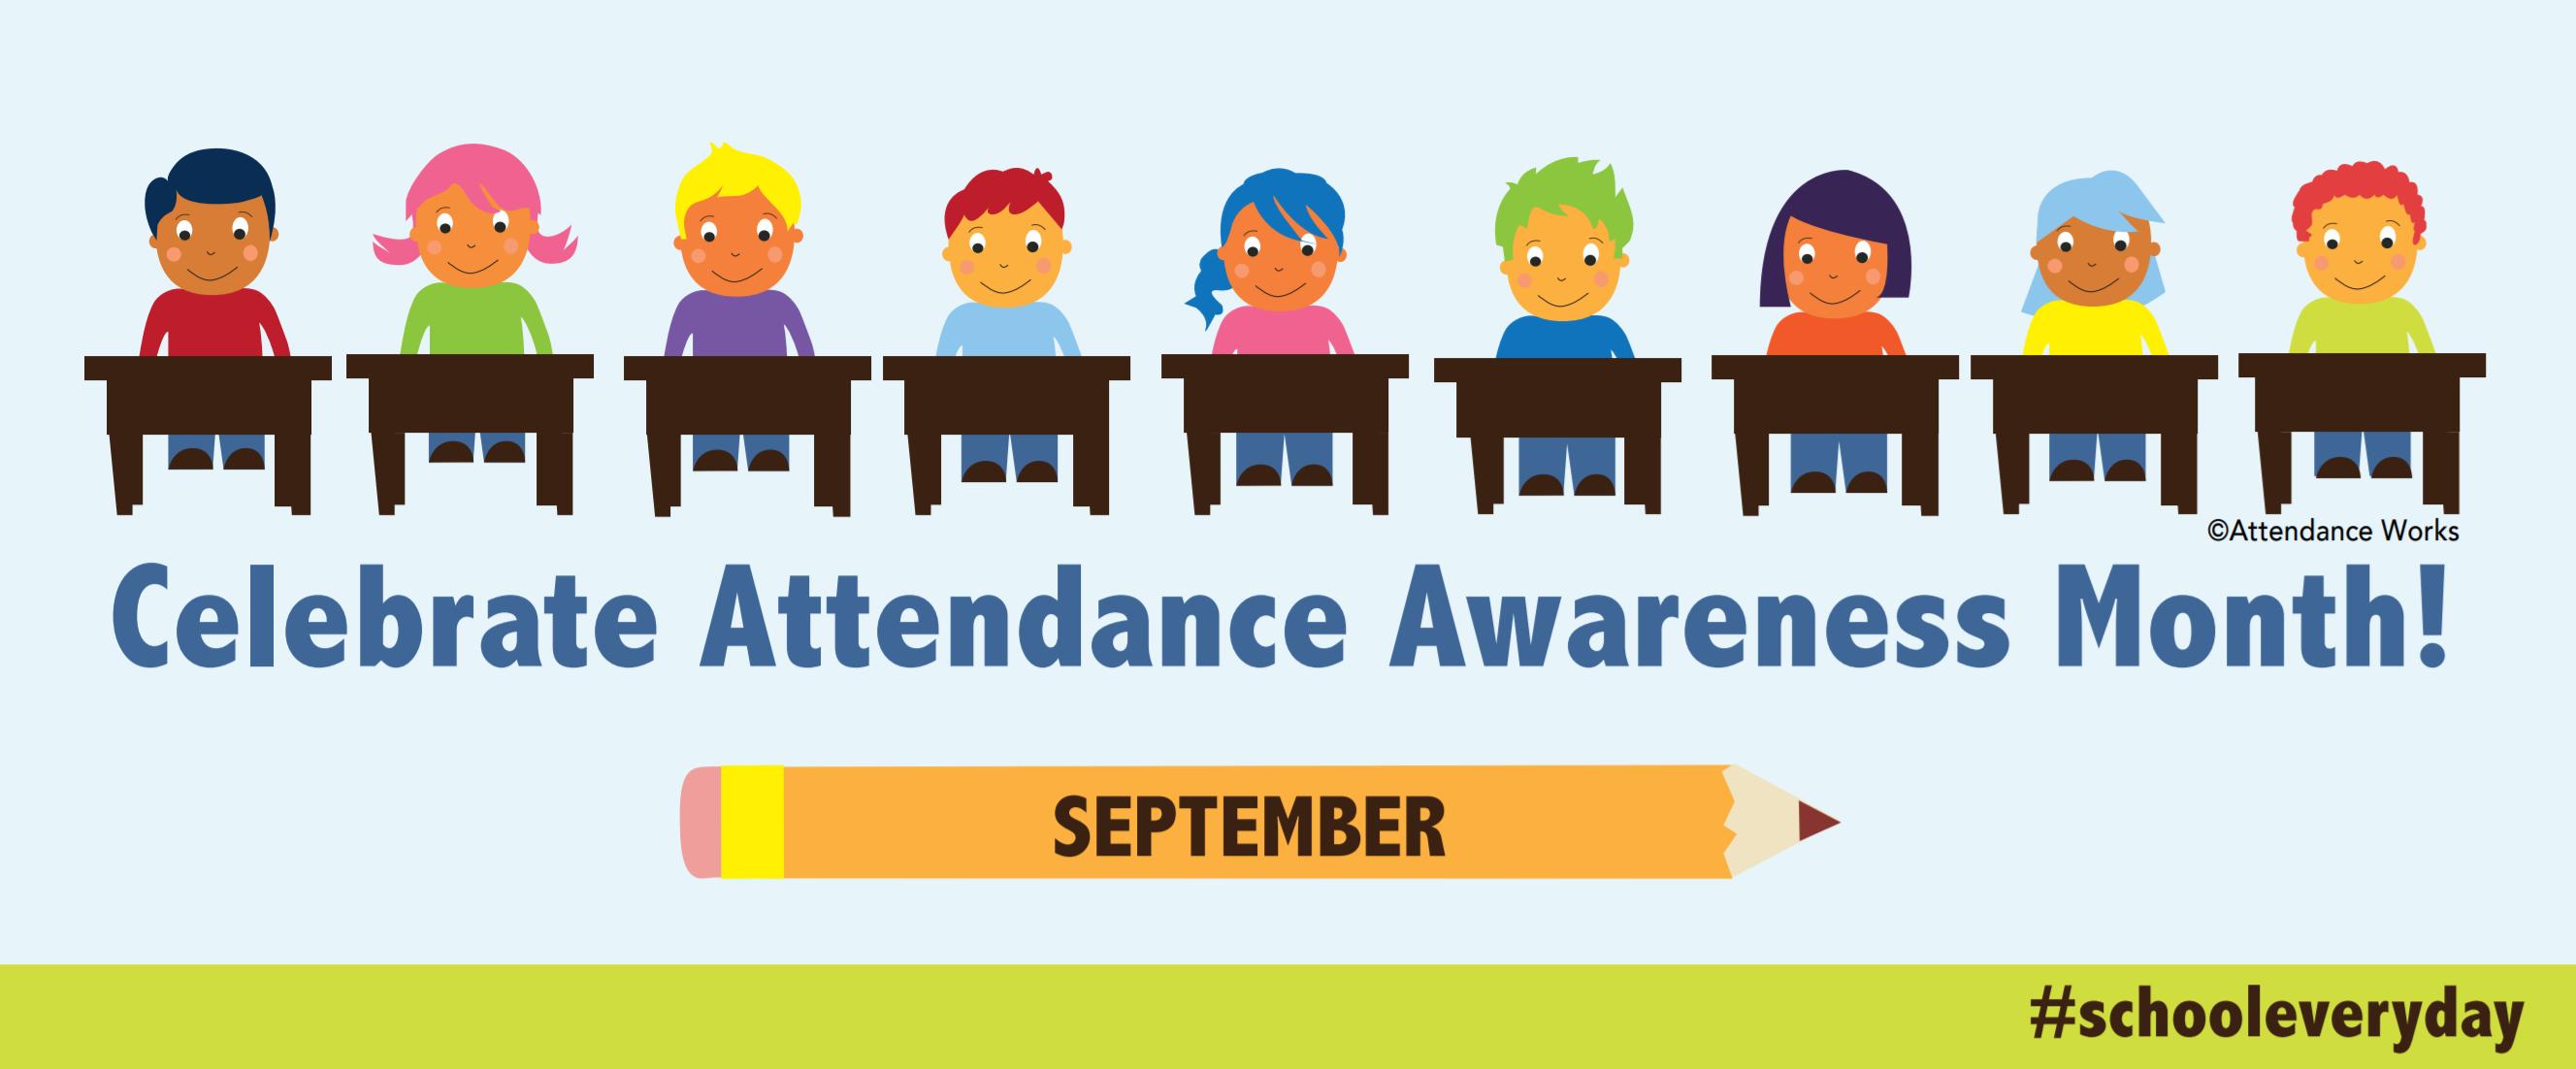 Promotional materials awareness month. Attendance clipart school register